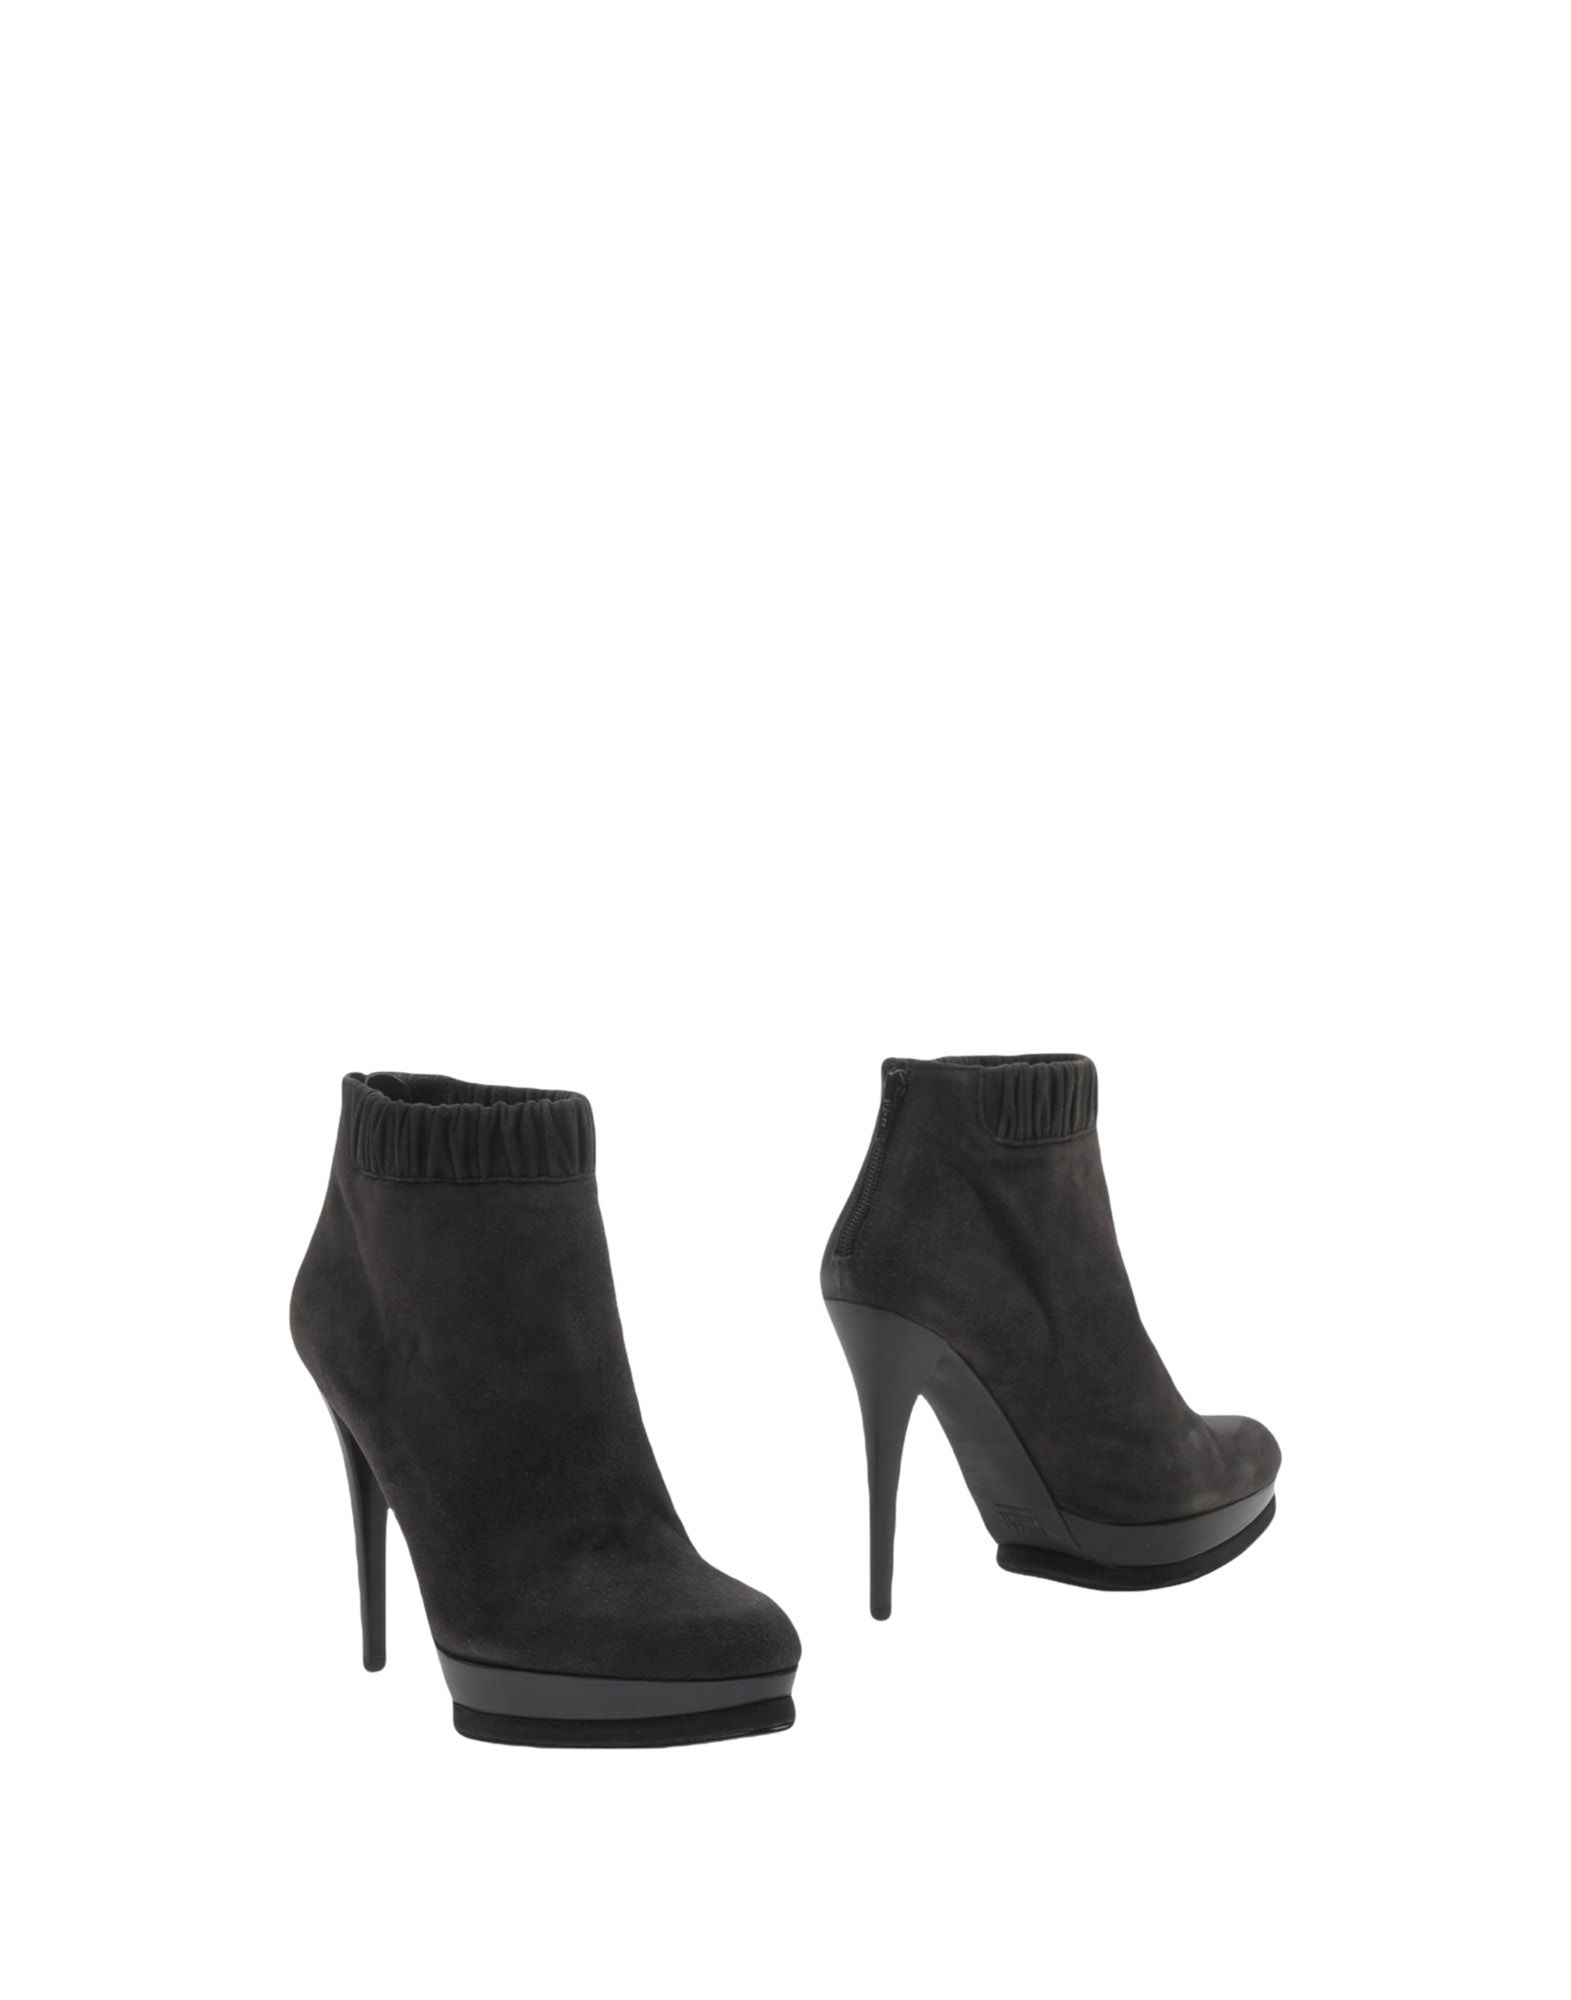 STUART WEITZMAN Полусапоги и высокие ботинки цены онлайн